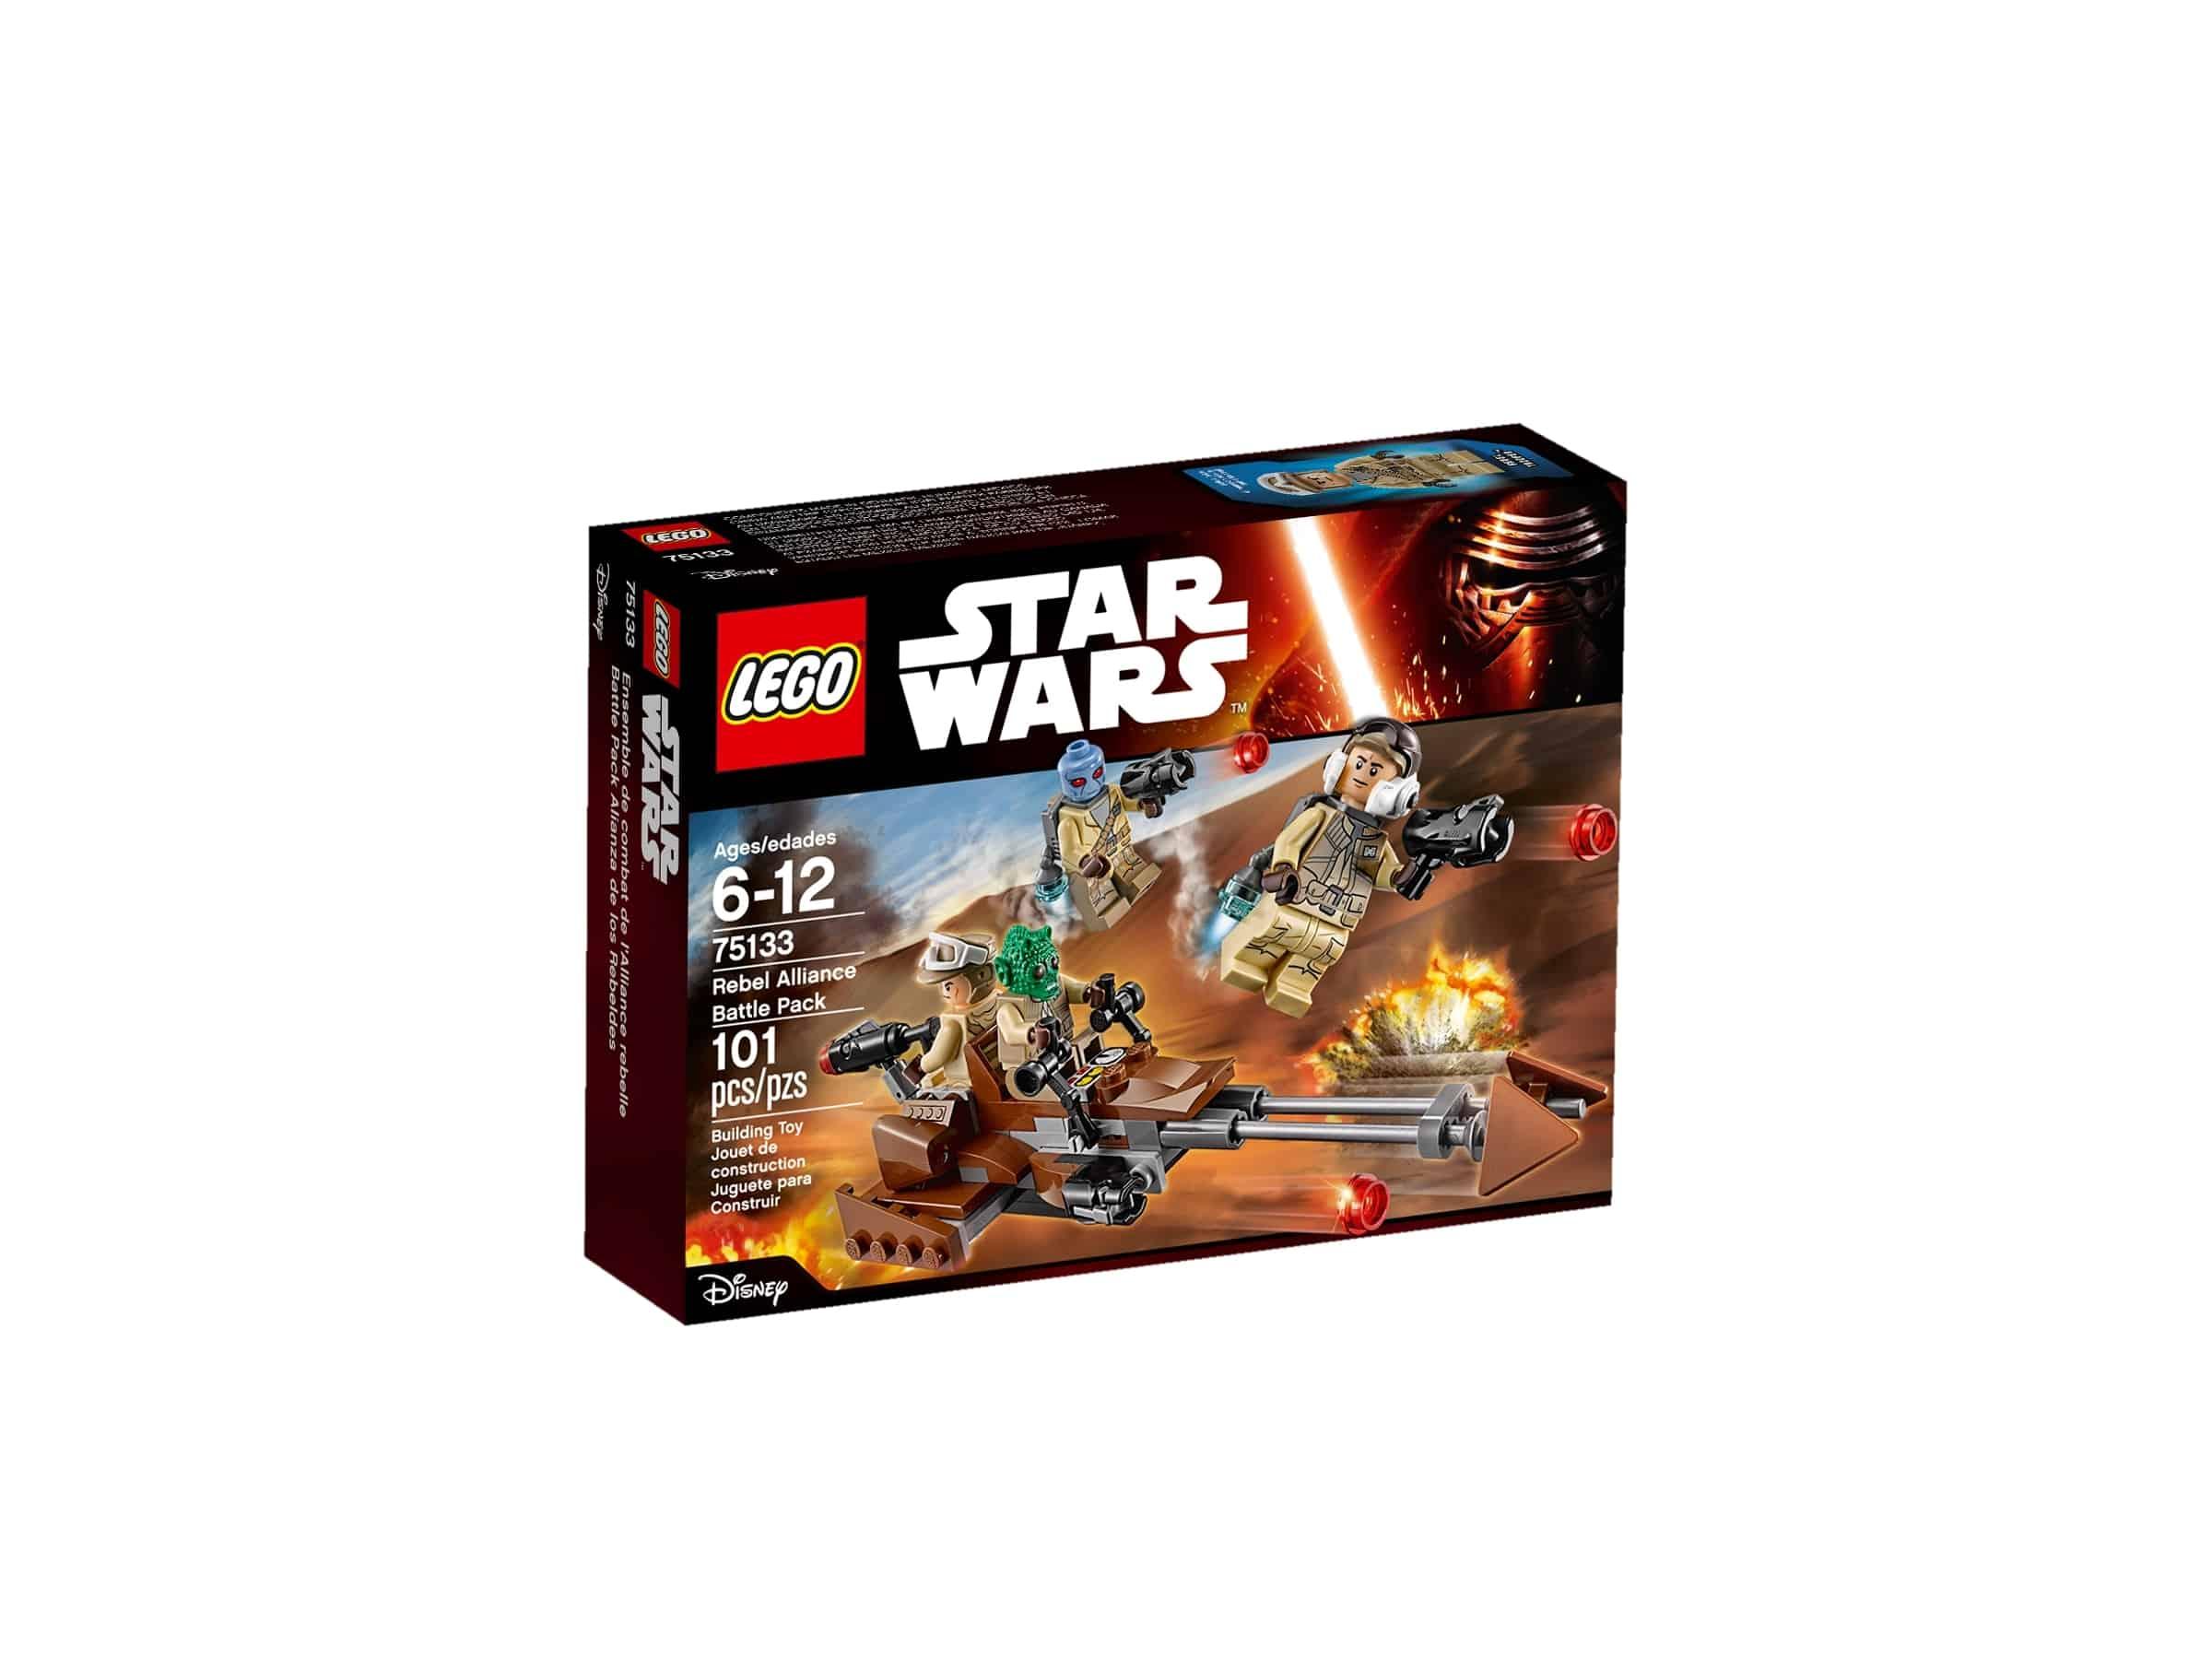 lego 75133 rebels battle pack